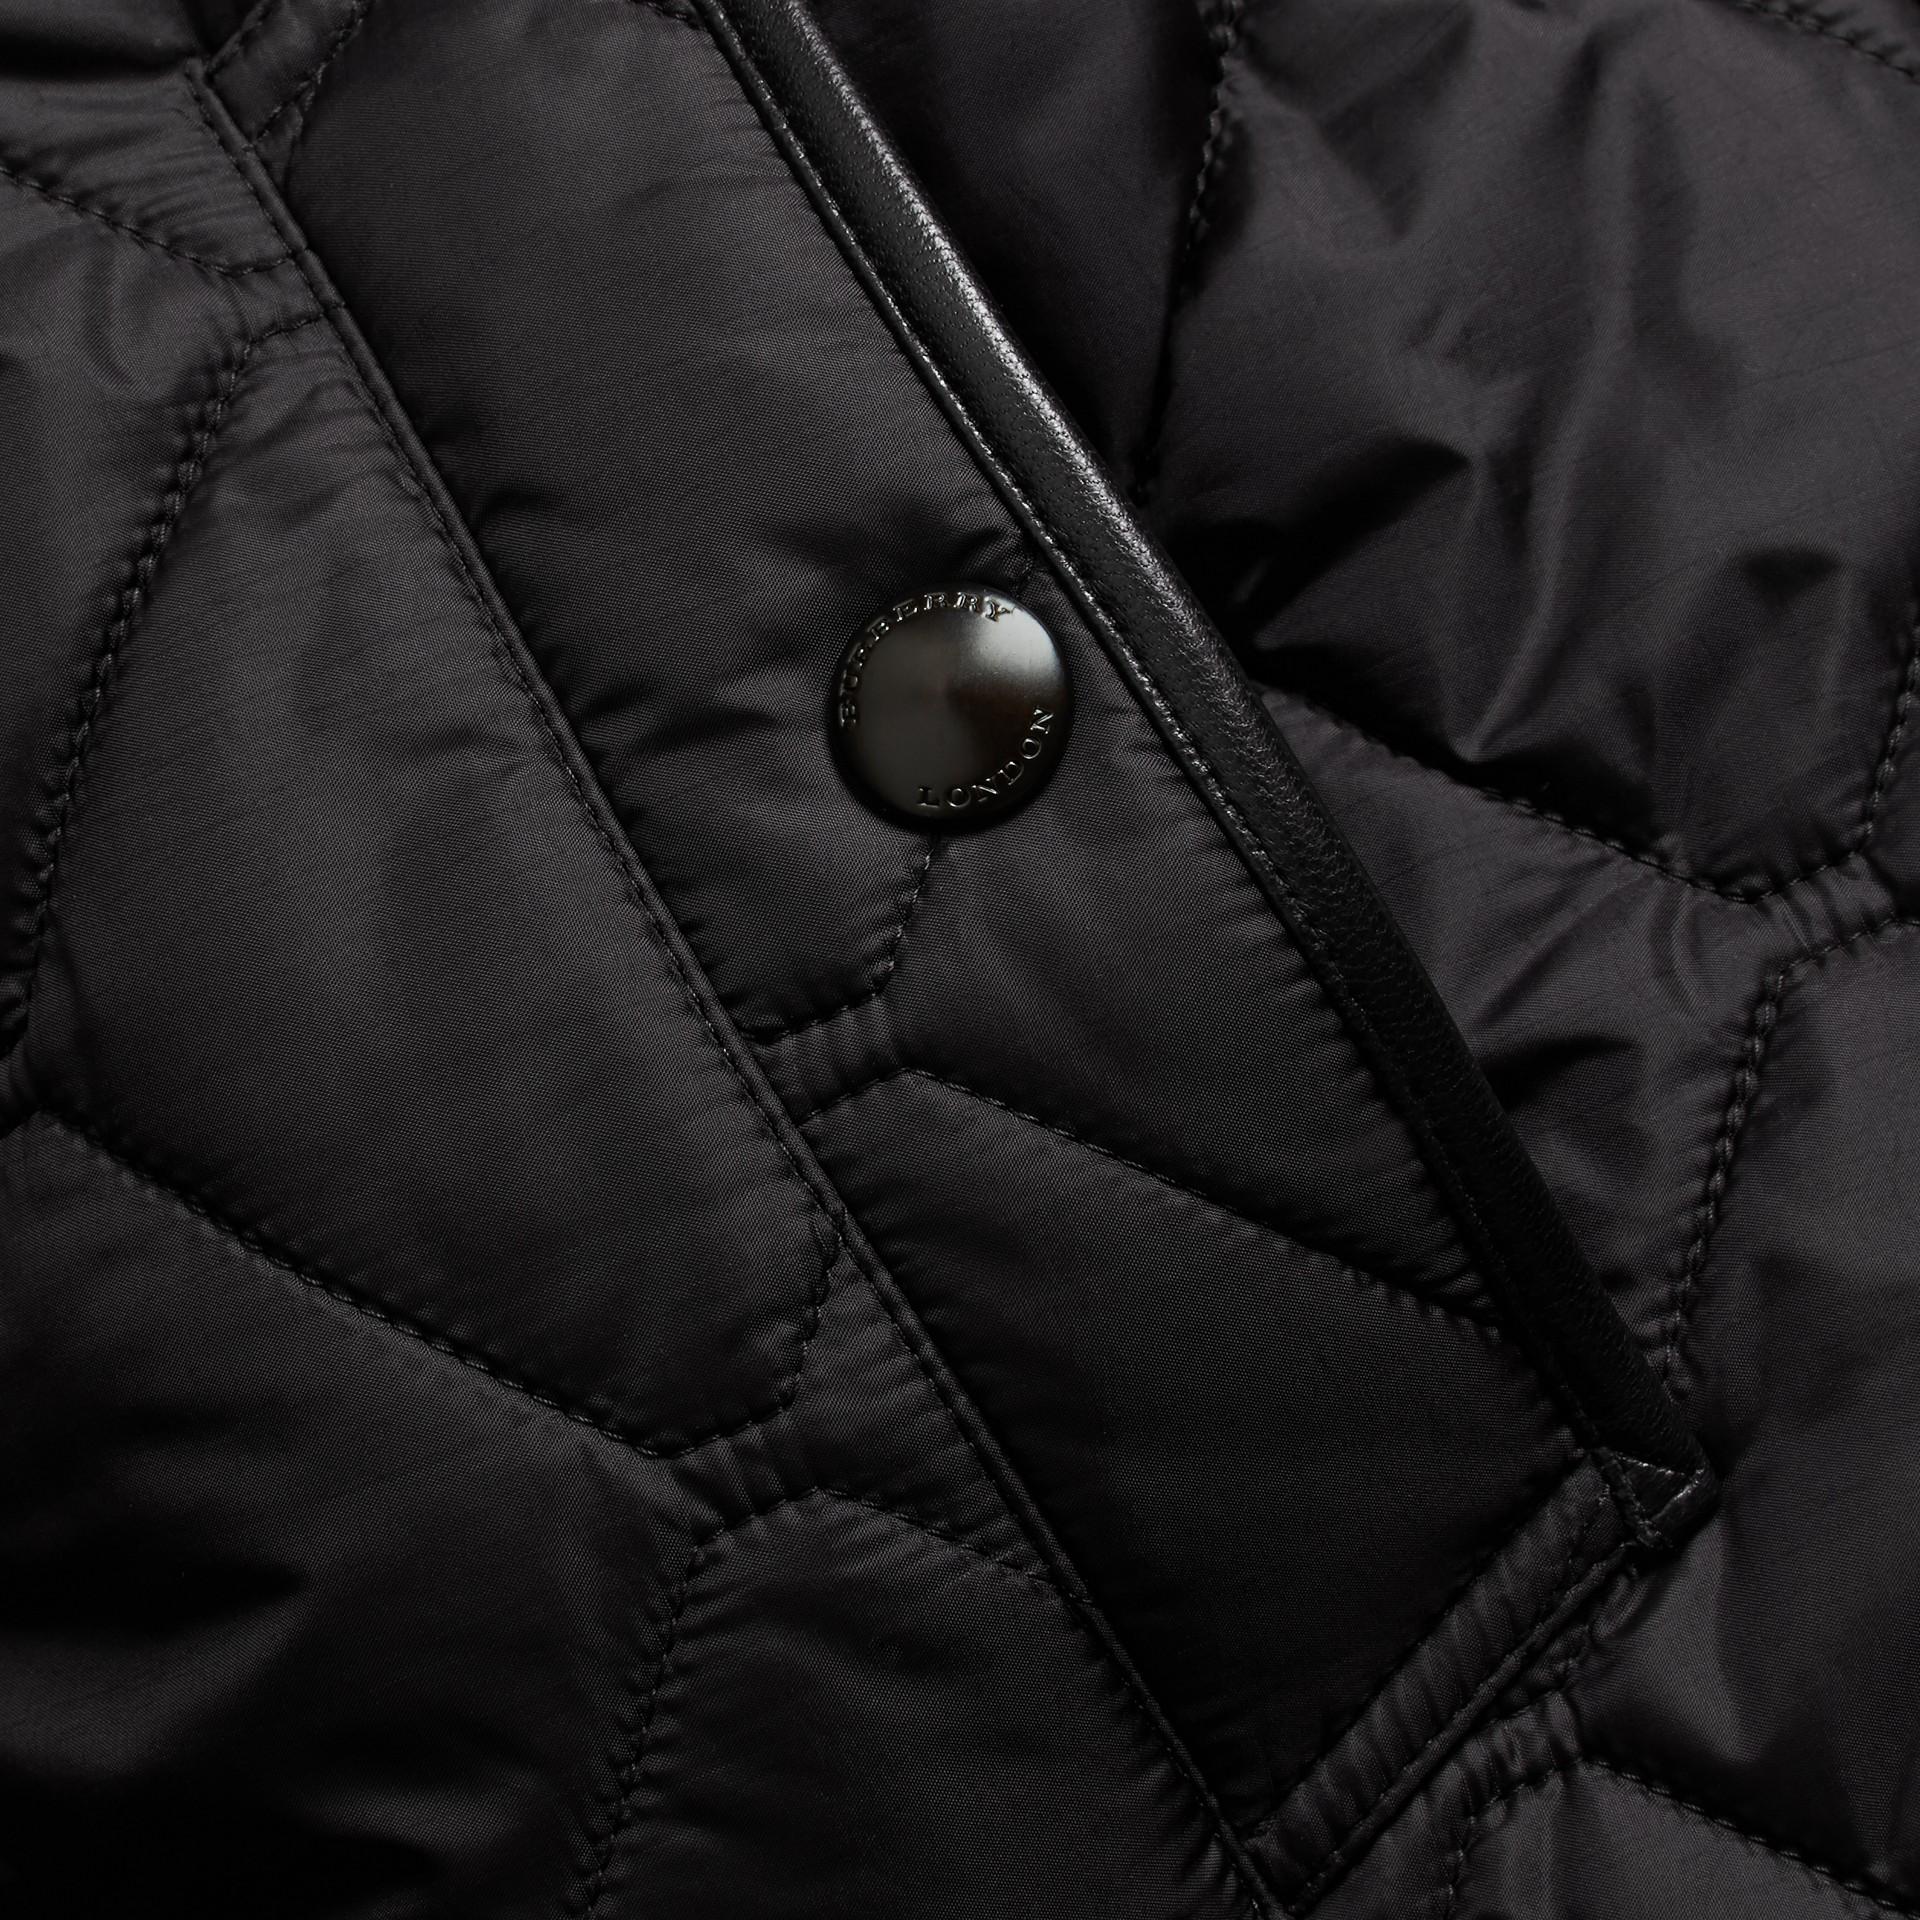 ブラック キルティッド パックアウェイフード ジャケット - ギャラリーイメージ 2